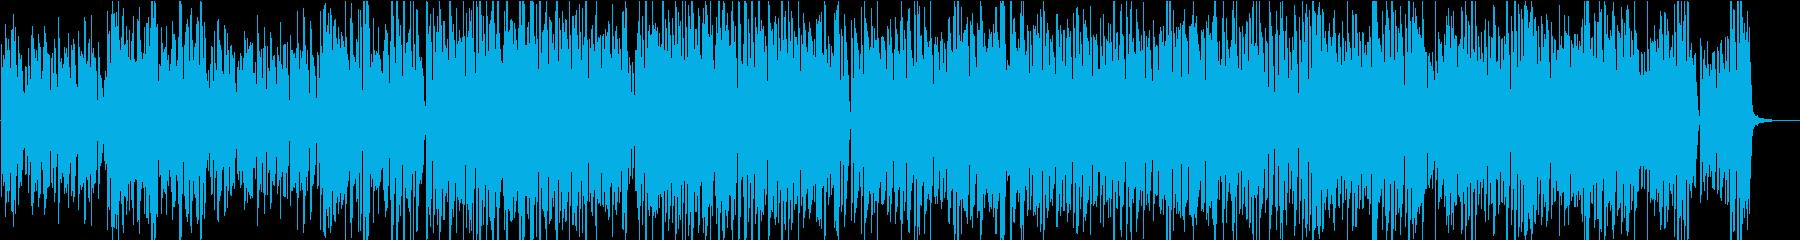 レトロ感が逆に新しいの再生済みの波形